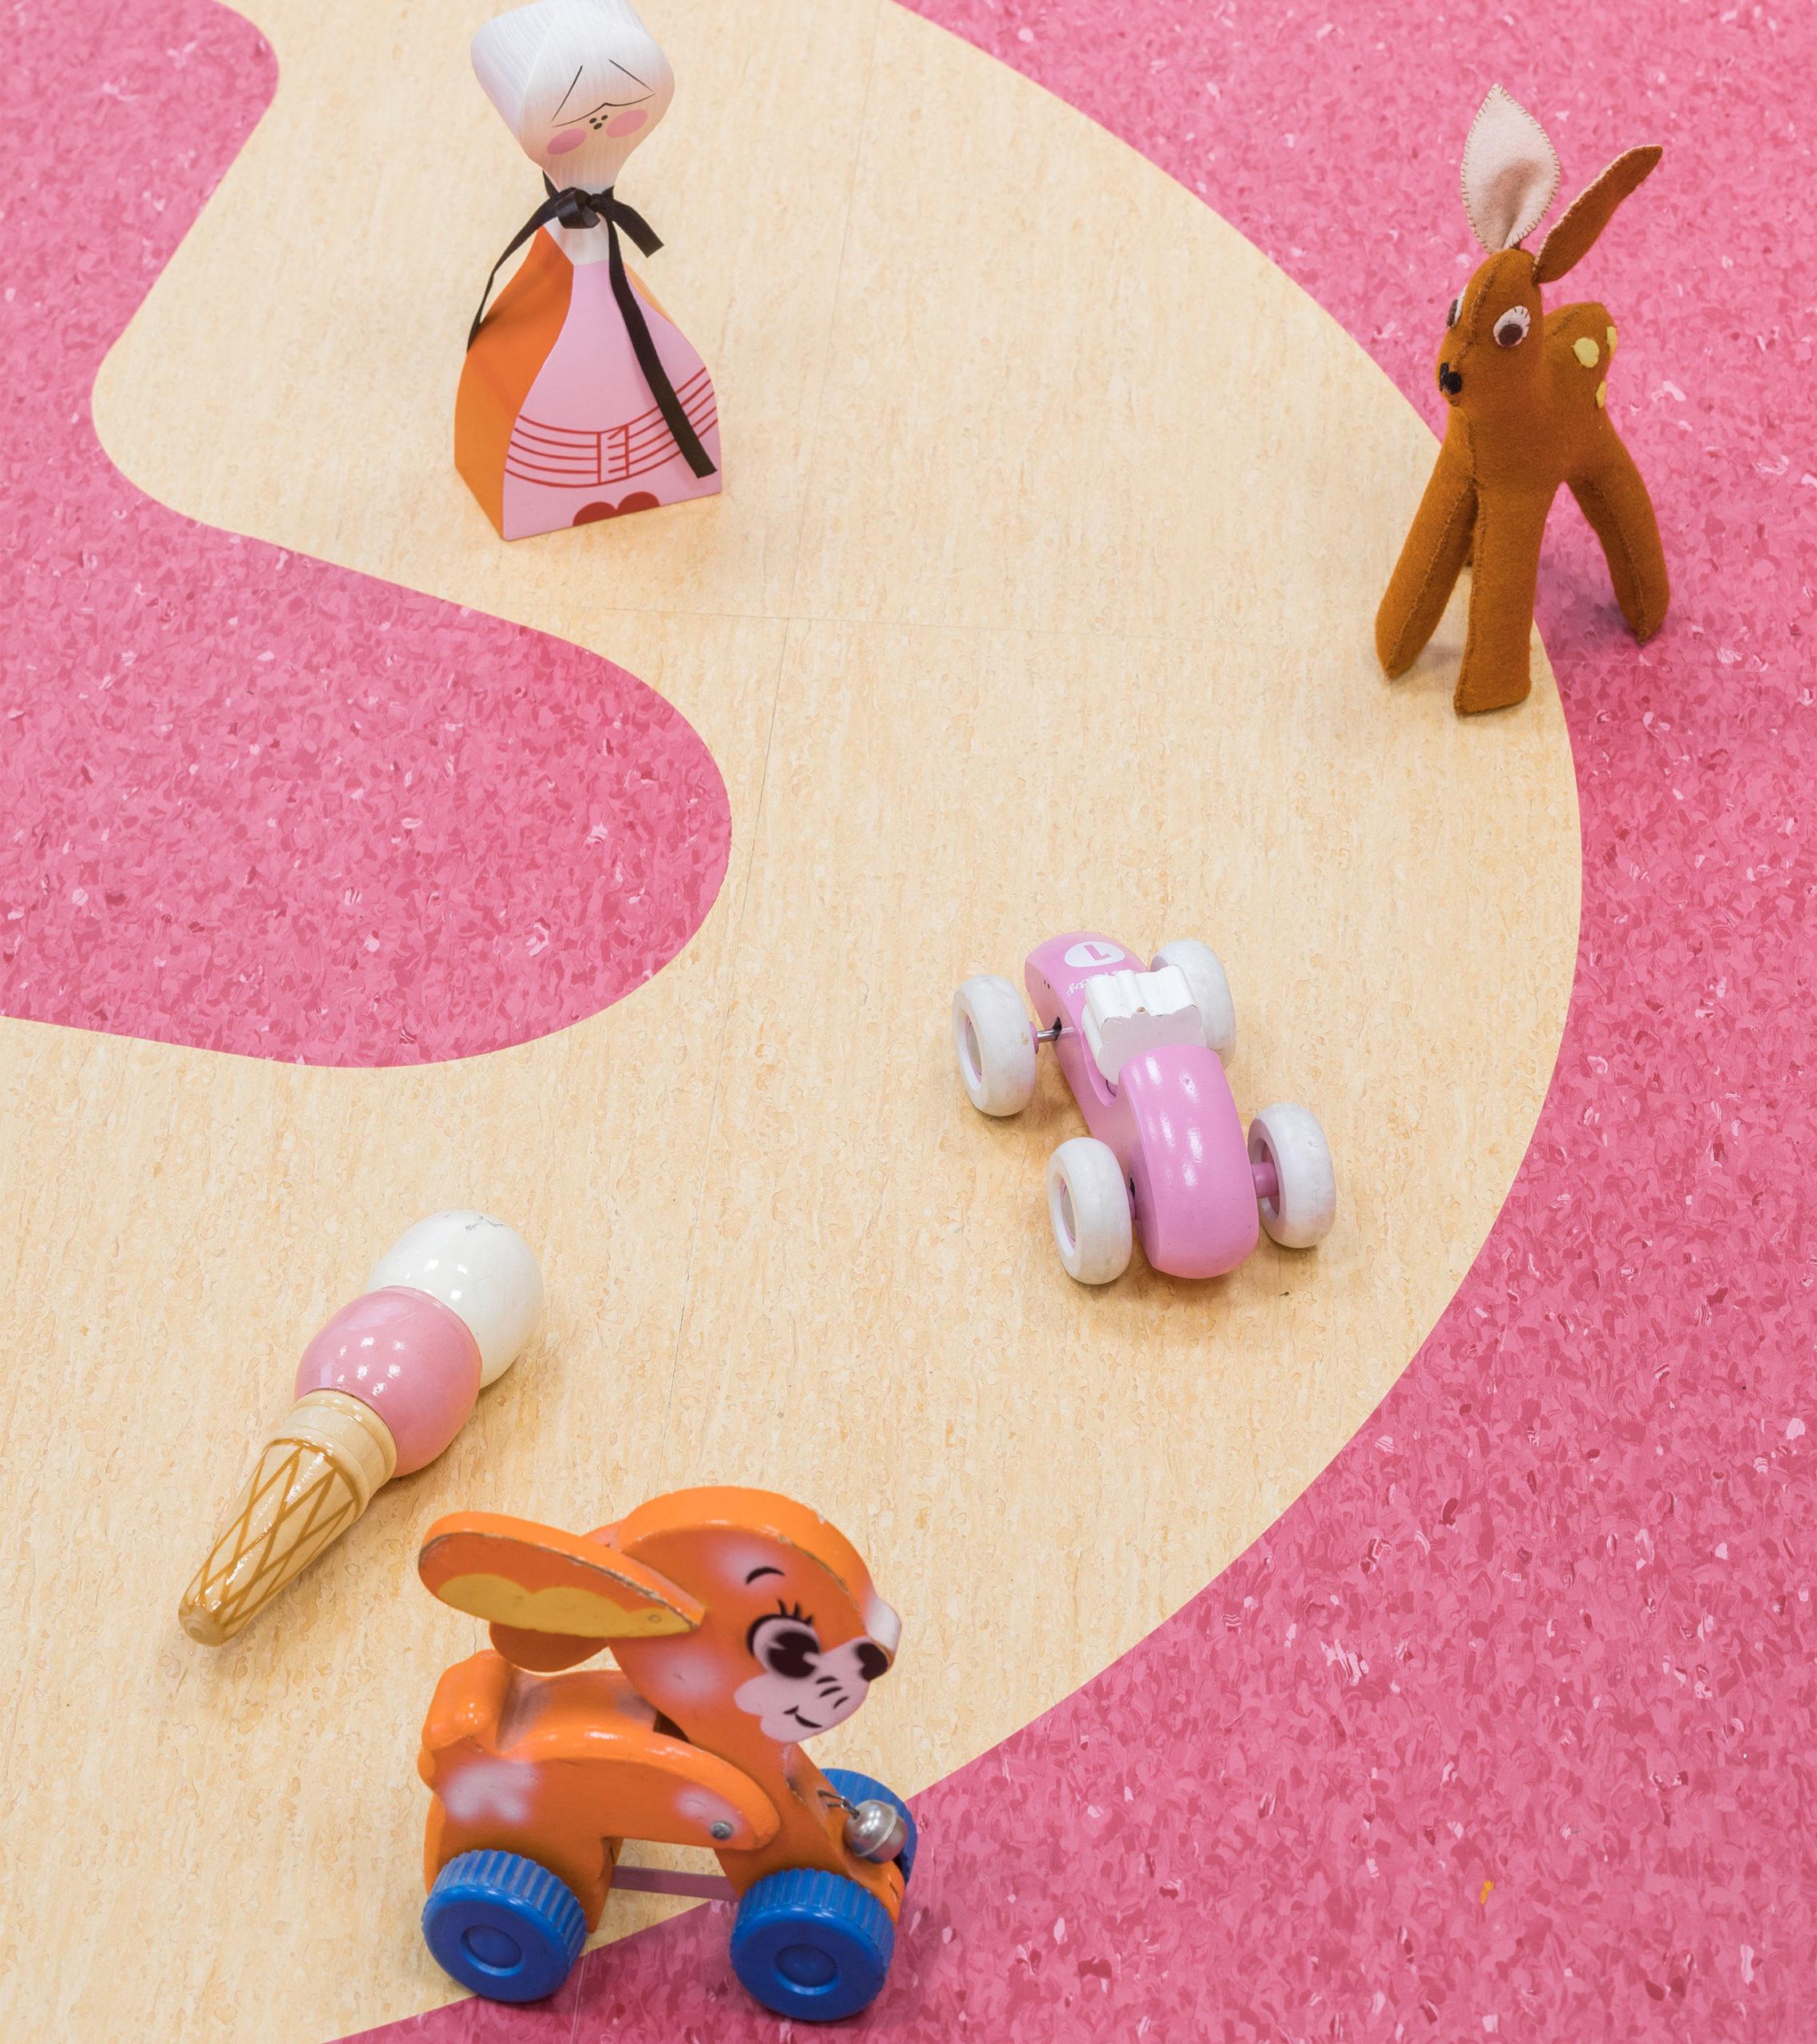 Lapsen lelut ja taide Hyvinkään sairaalan lastenosaston lattialla.